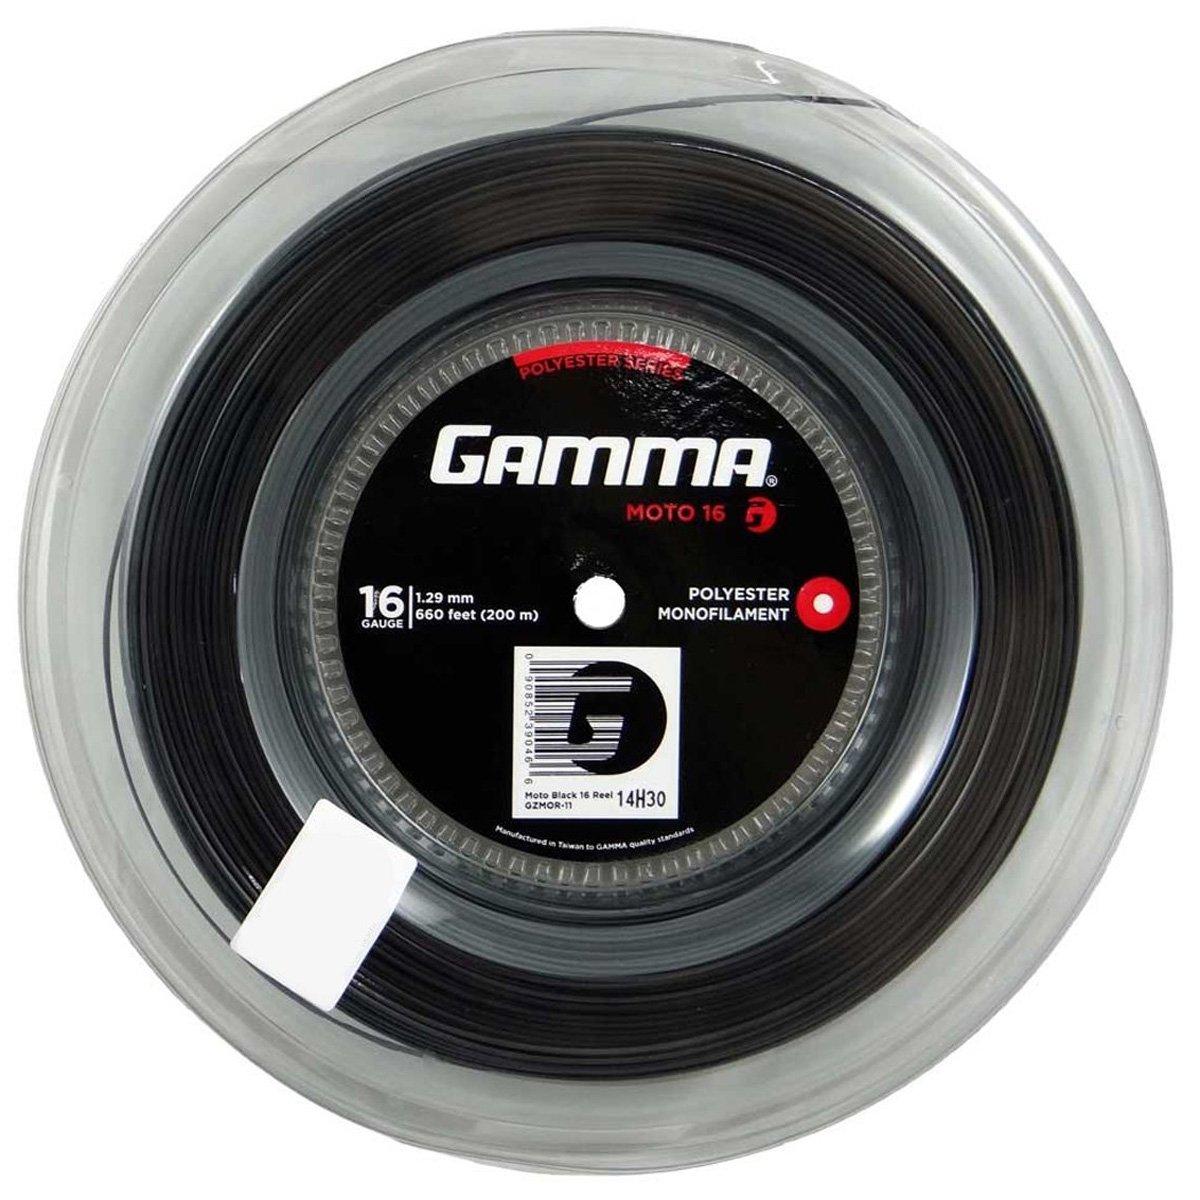 Corda Gamma Moto 16 1.29mm Rolo 200m Preto